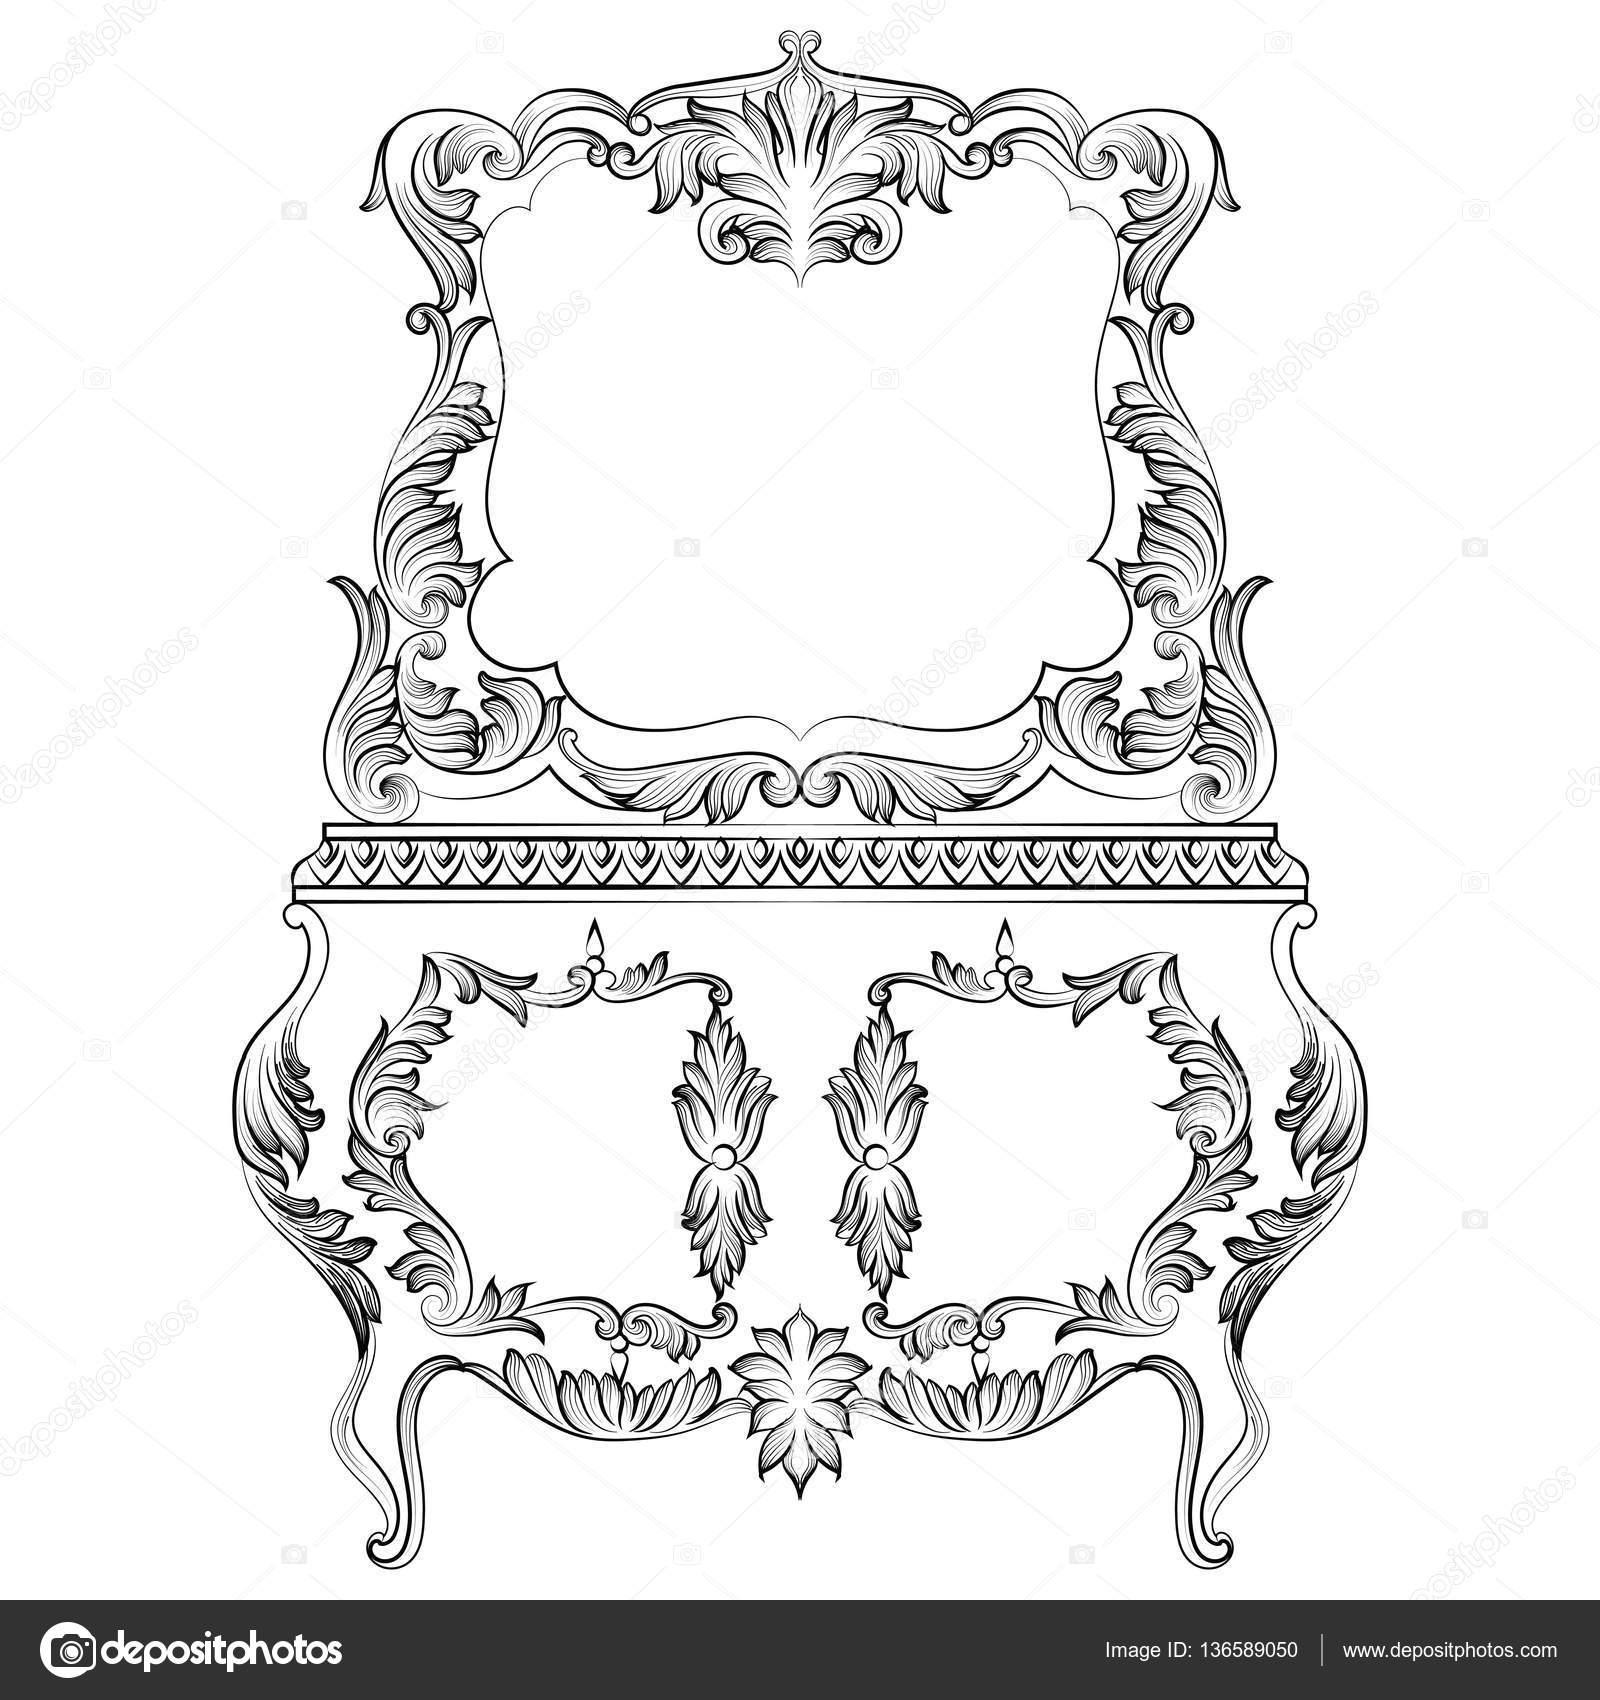 Fabelhafte Barock Konsolentisch und Spiegel-Rahmen festlegen. Vektor ...